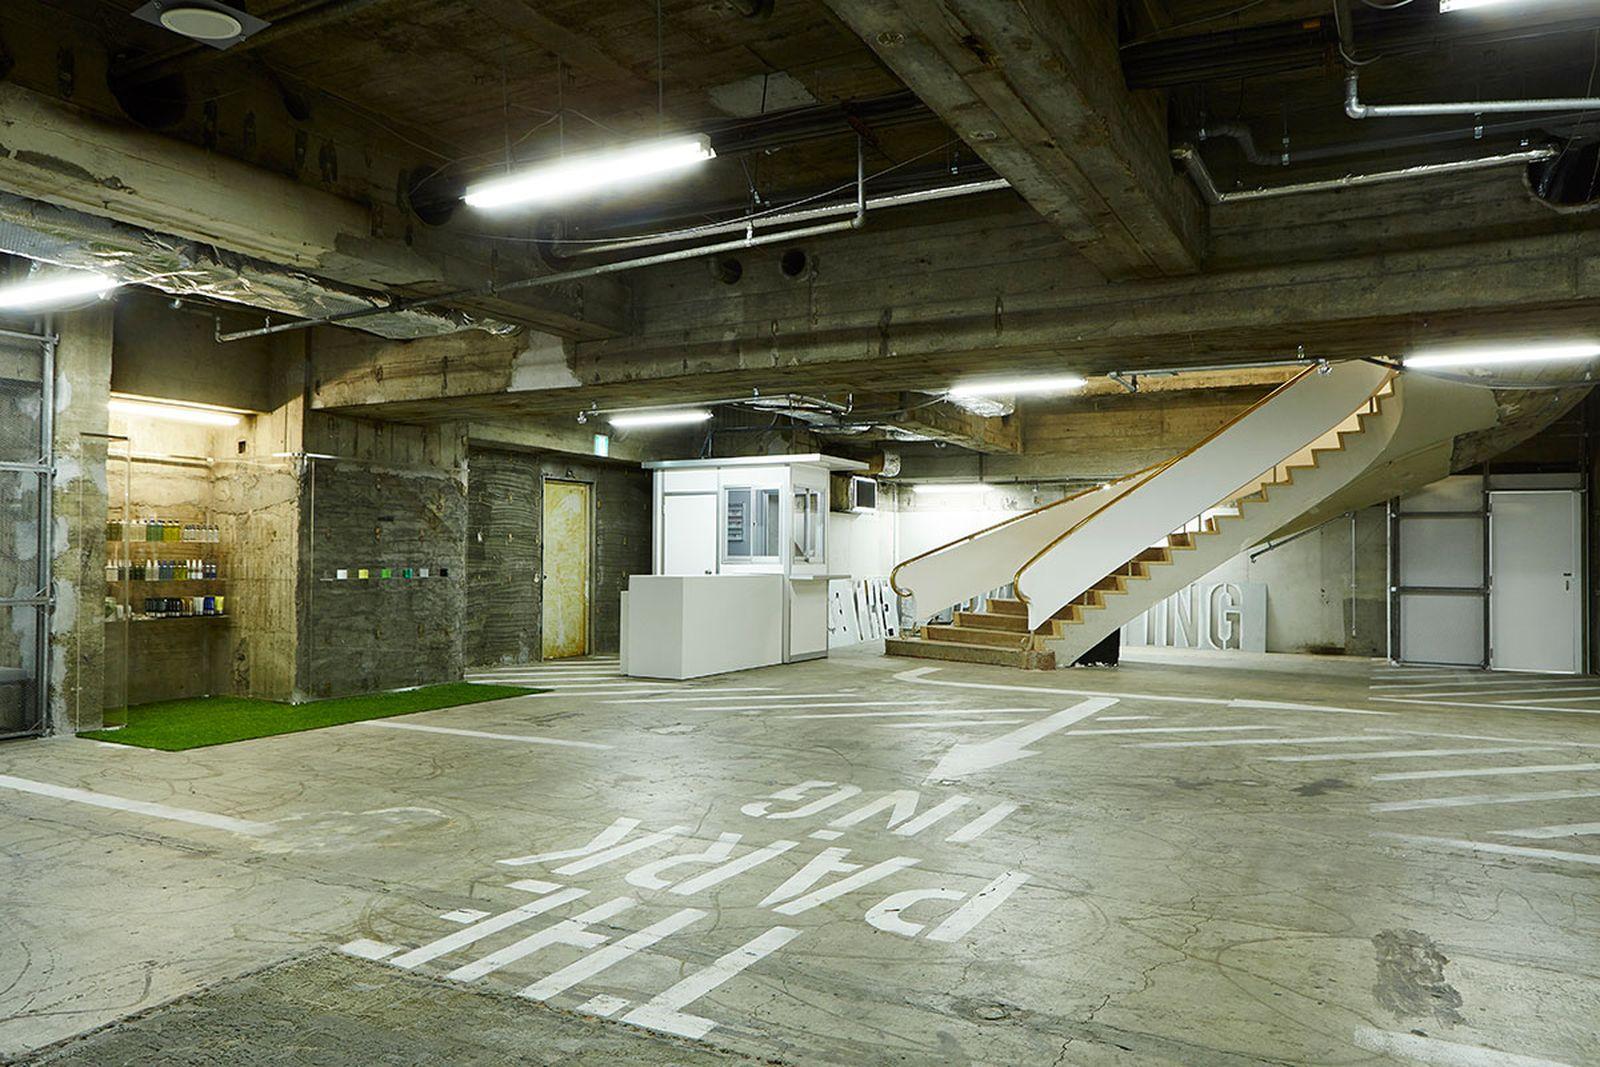 icons hiroshi fujiwara theparking Aoyama Hi & Lo The Park・ing